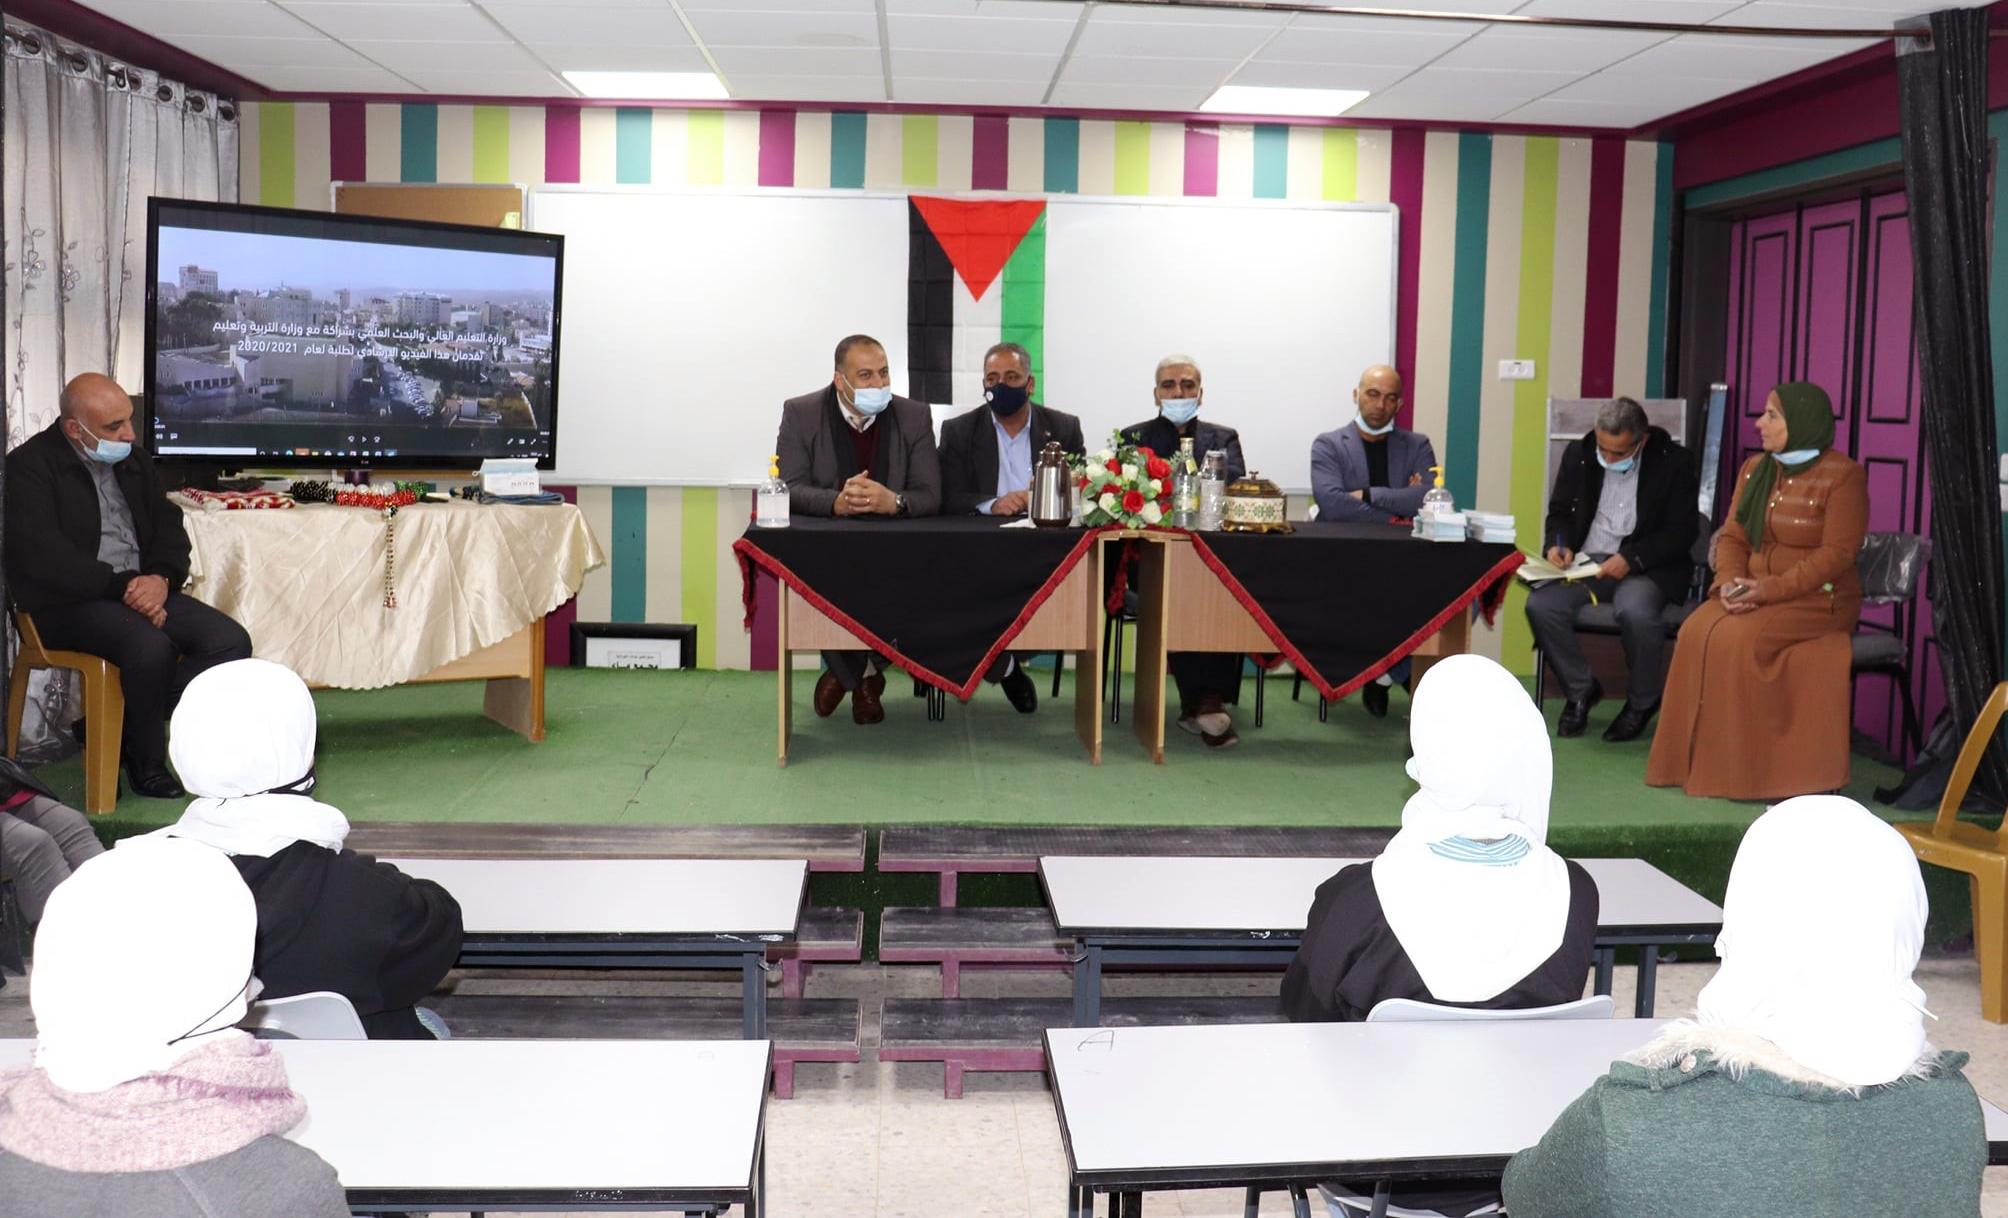 الجامعة تشارك في الفعاليات الارشادية لطلبة التوجيهي في عدد من مدارس جنين وقباطية وطوباس